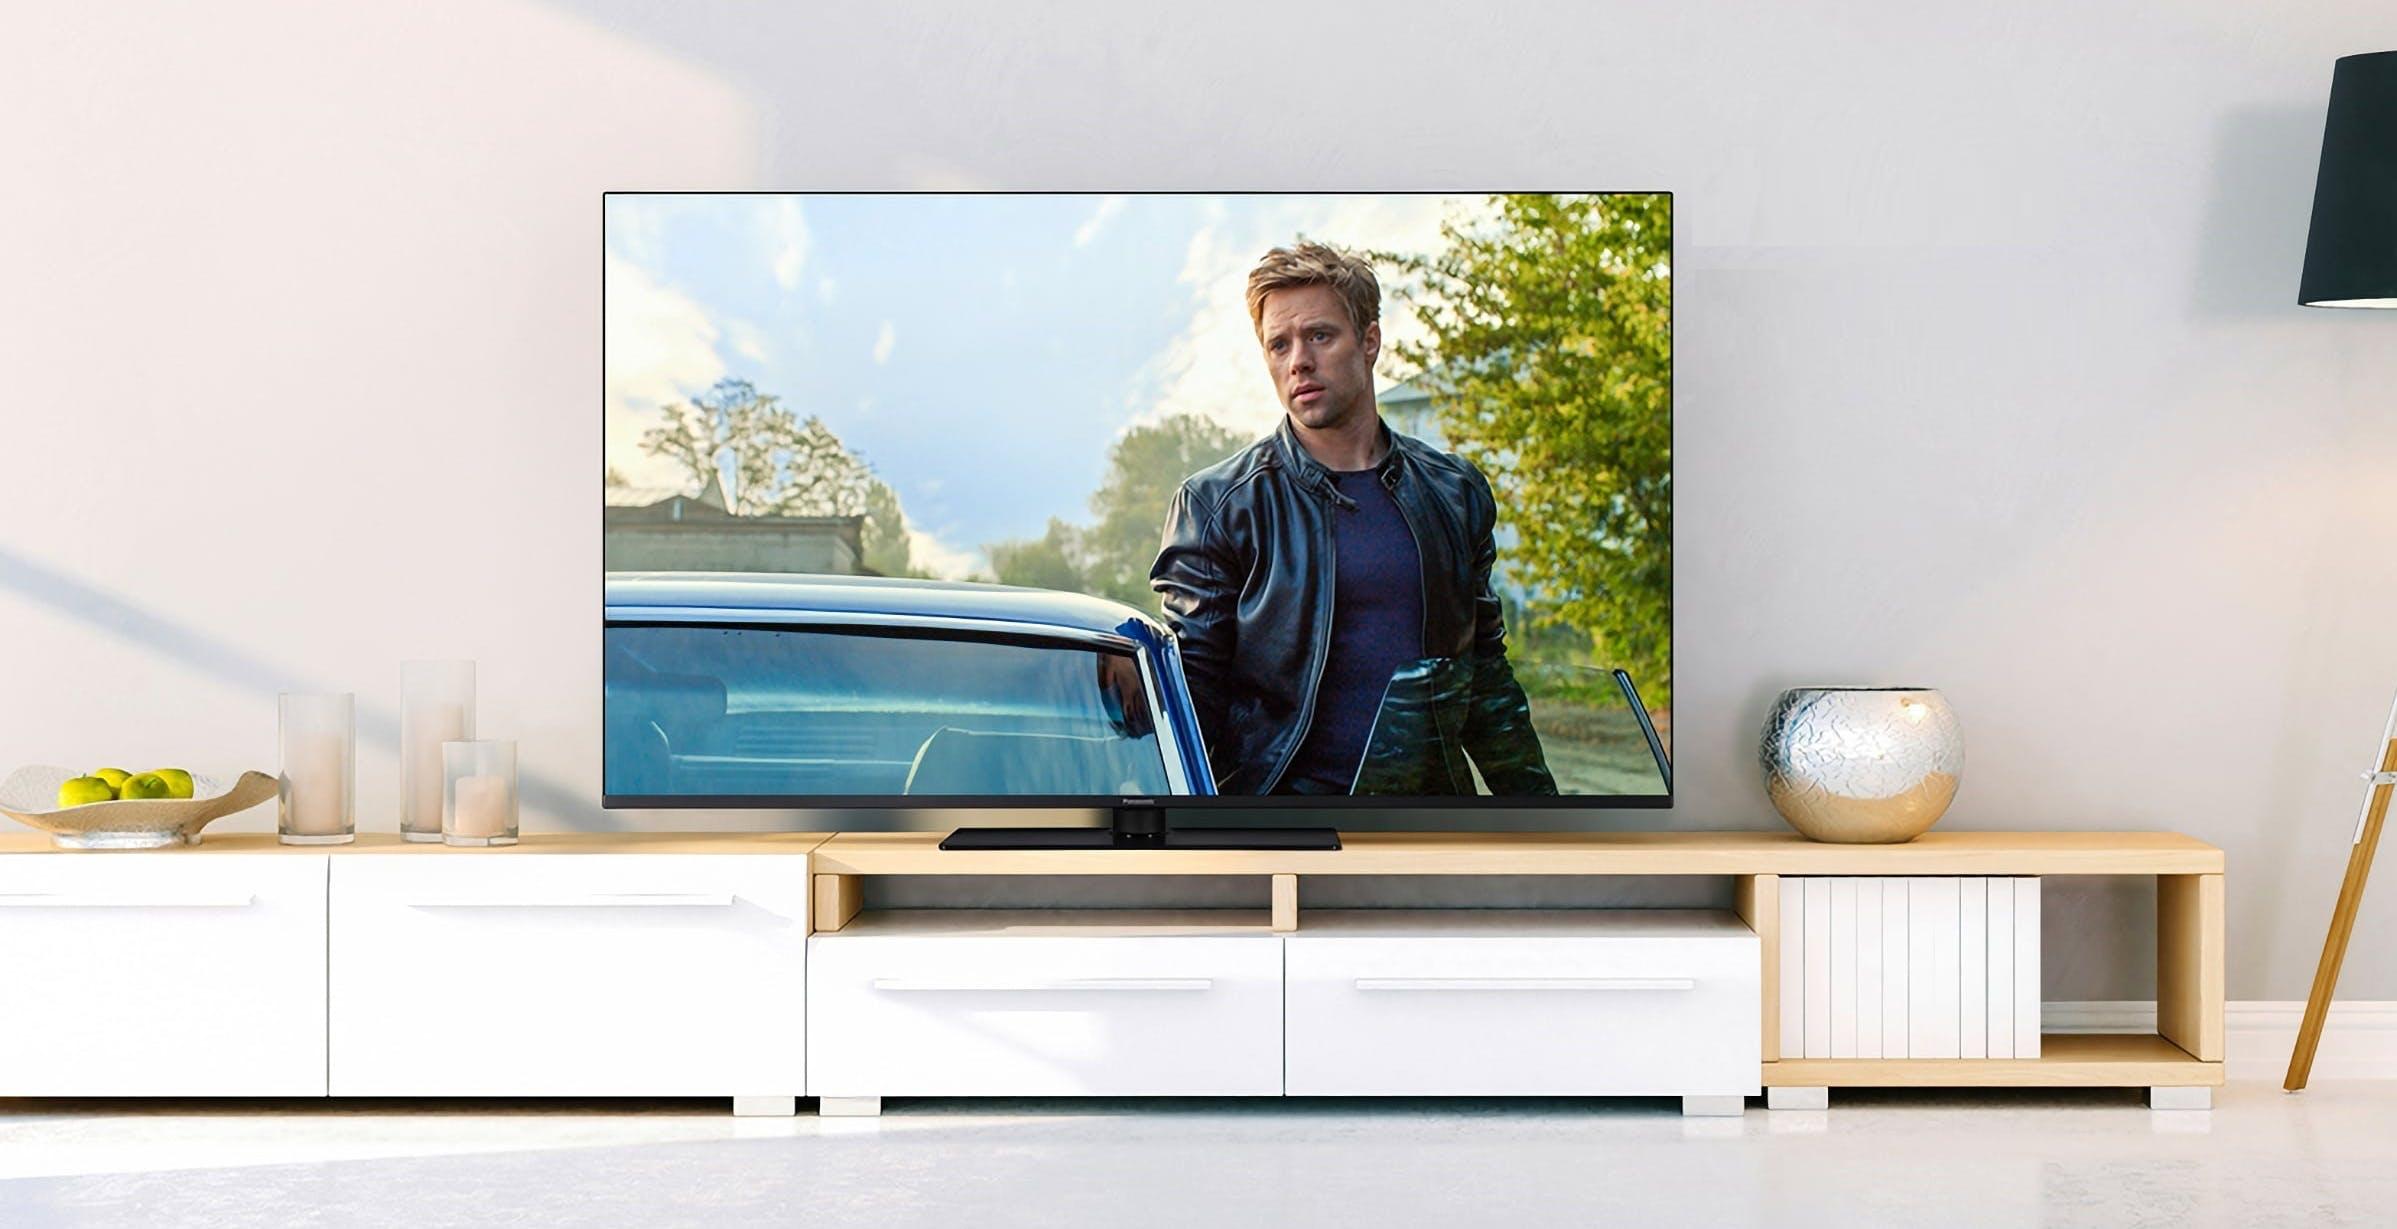 La gamma di televisori LCD Panasonic con Android TV sbarca in Europa